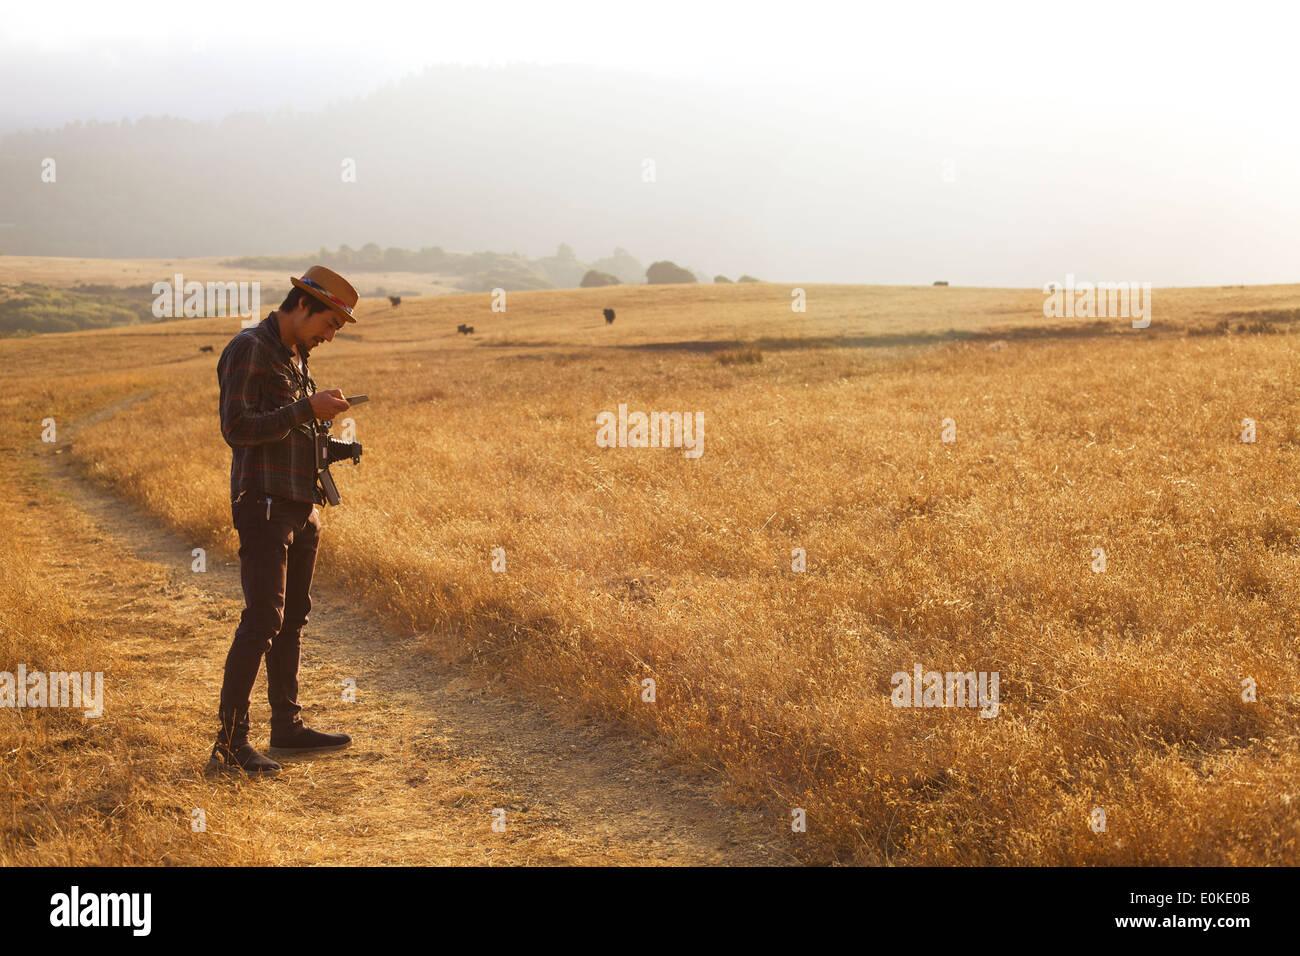 Ein Mann steht auf einem goldenen farbigen Feld und ein Bild von seinem Land Kamera studiert. Stockbild